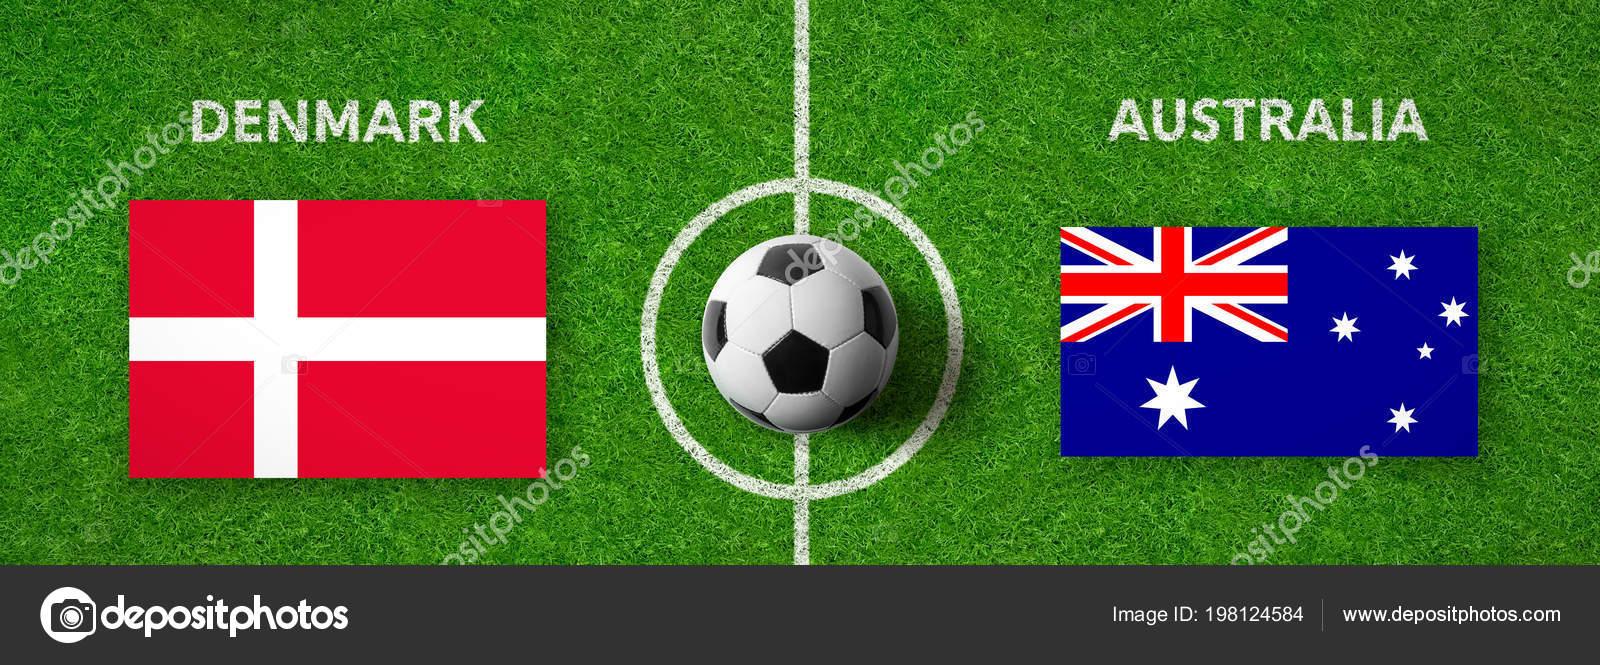 Voetbalwedstrijd Denemarken Australie Stockfoto